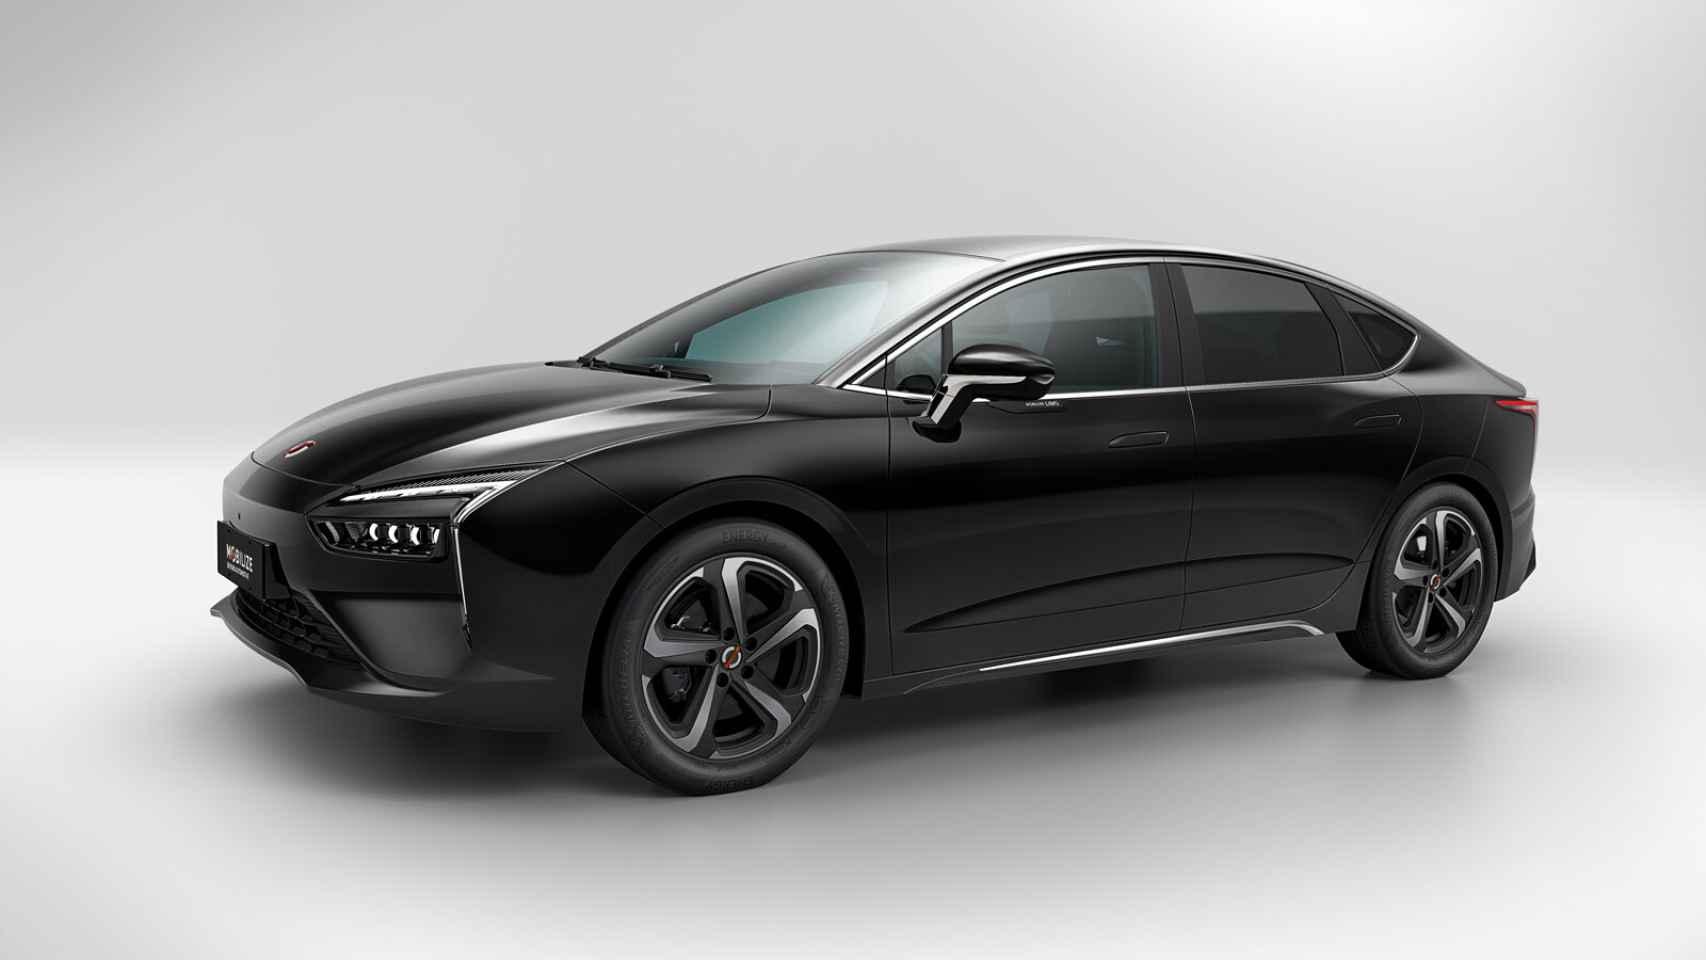 Así serán los taxi (o VTC) del futuro según Renault: eléctricos y limitados a 140 km/h